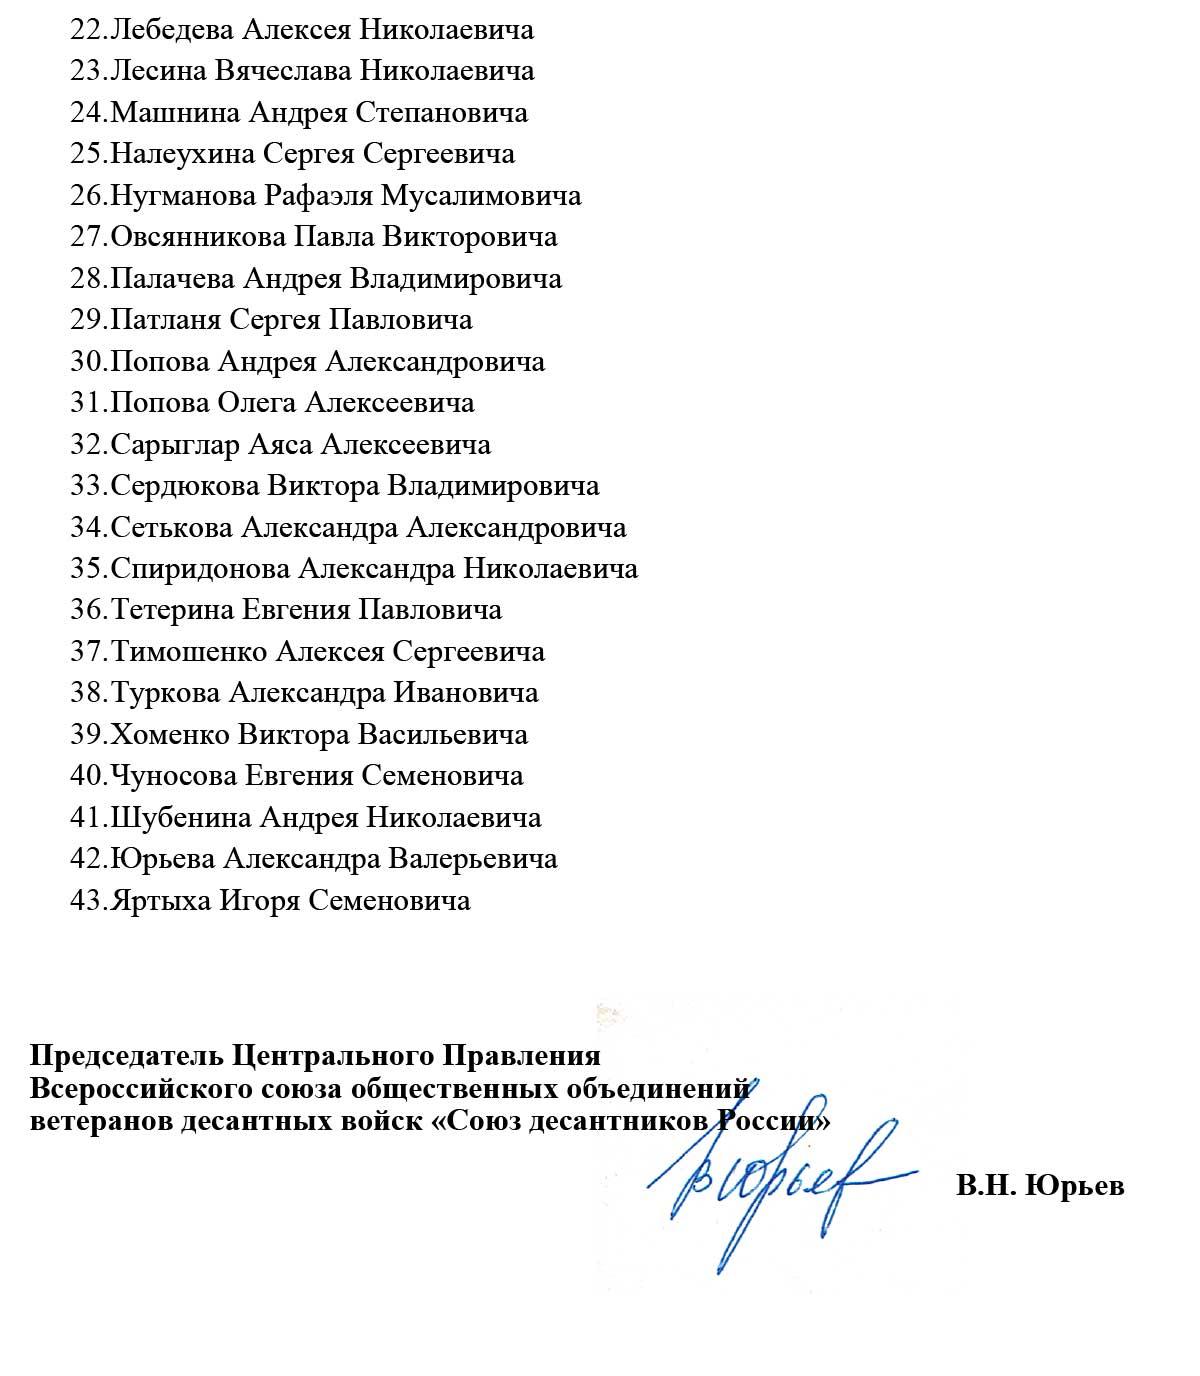 ПРИКАЗ № 10 от 15.10.20 о награждении знаком 90 лет ВДВ